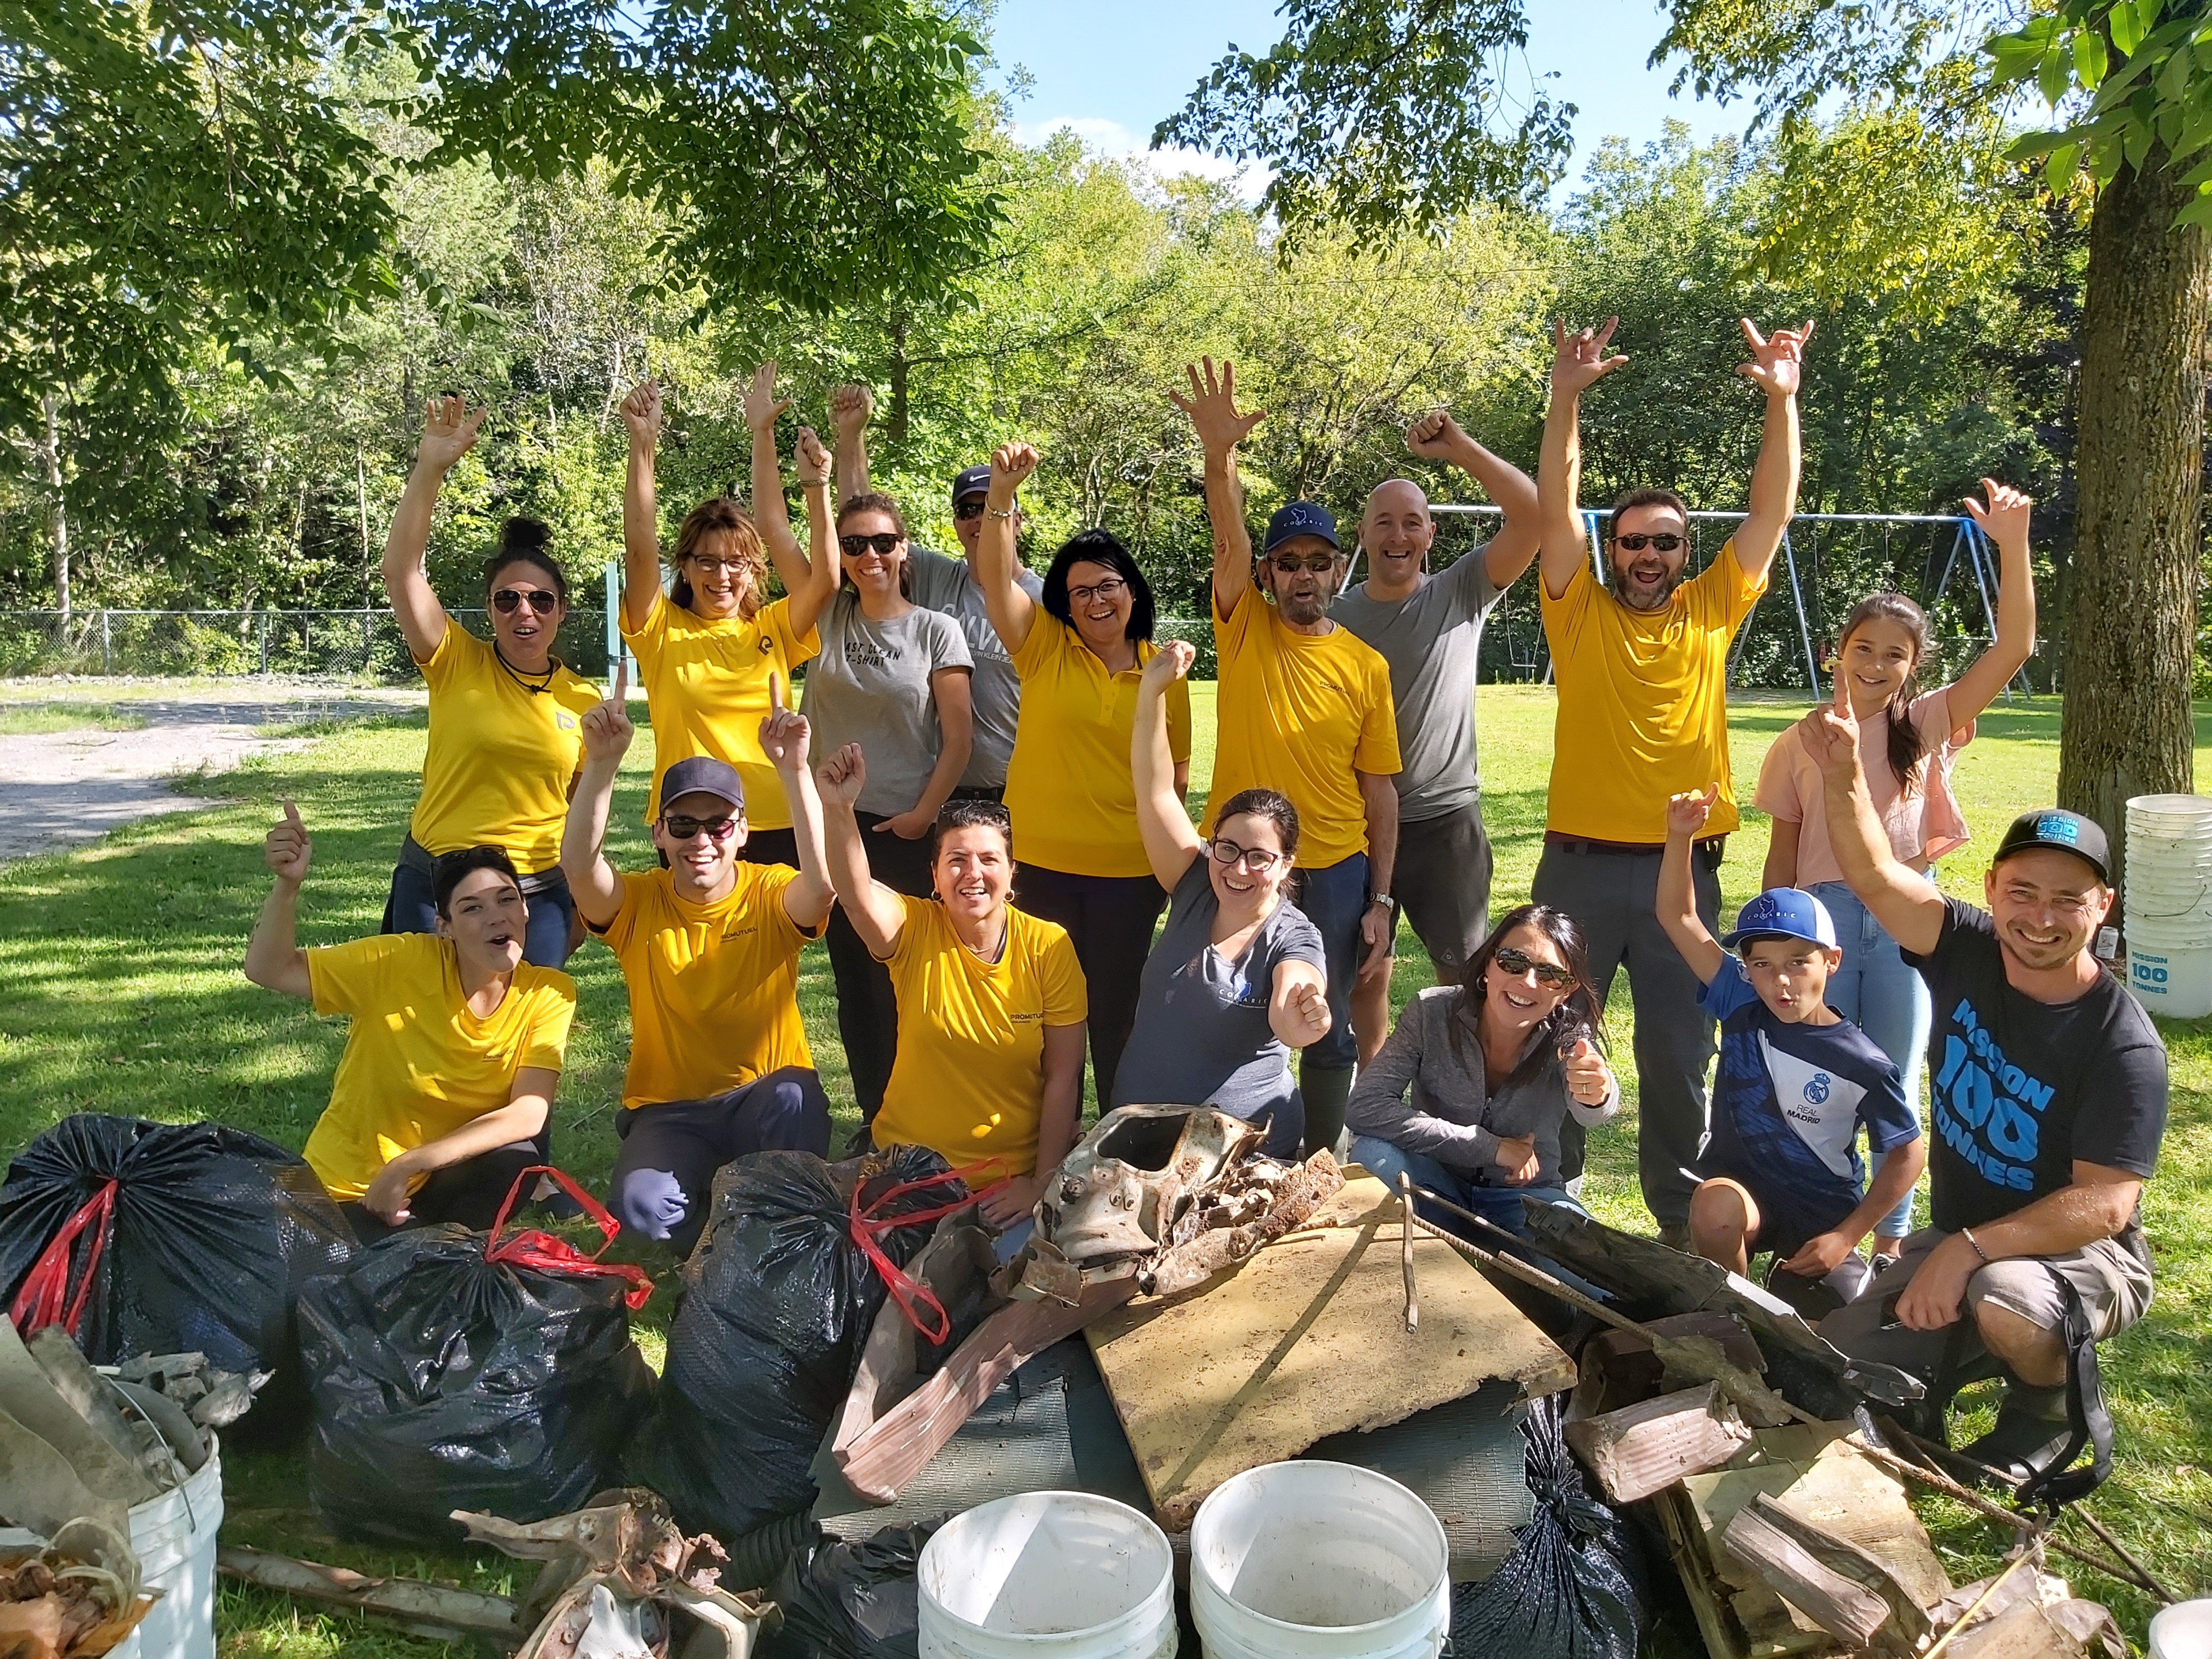 Les bénévoles posent fièrement devant les 391 livres de déchets ramassés en moins de 3 heures au ruisseau Dupuis à Sainte-Marie.